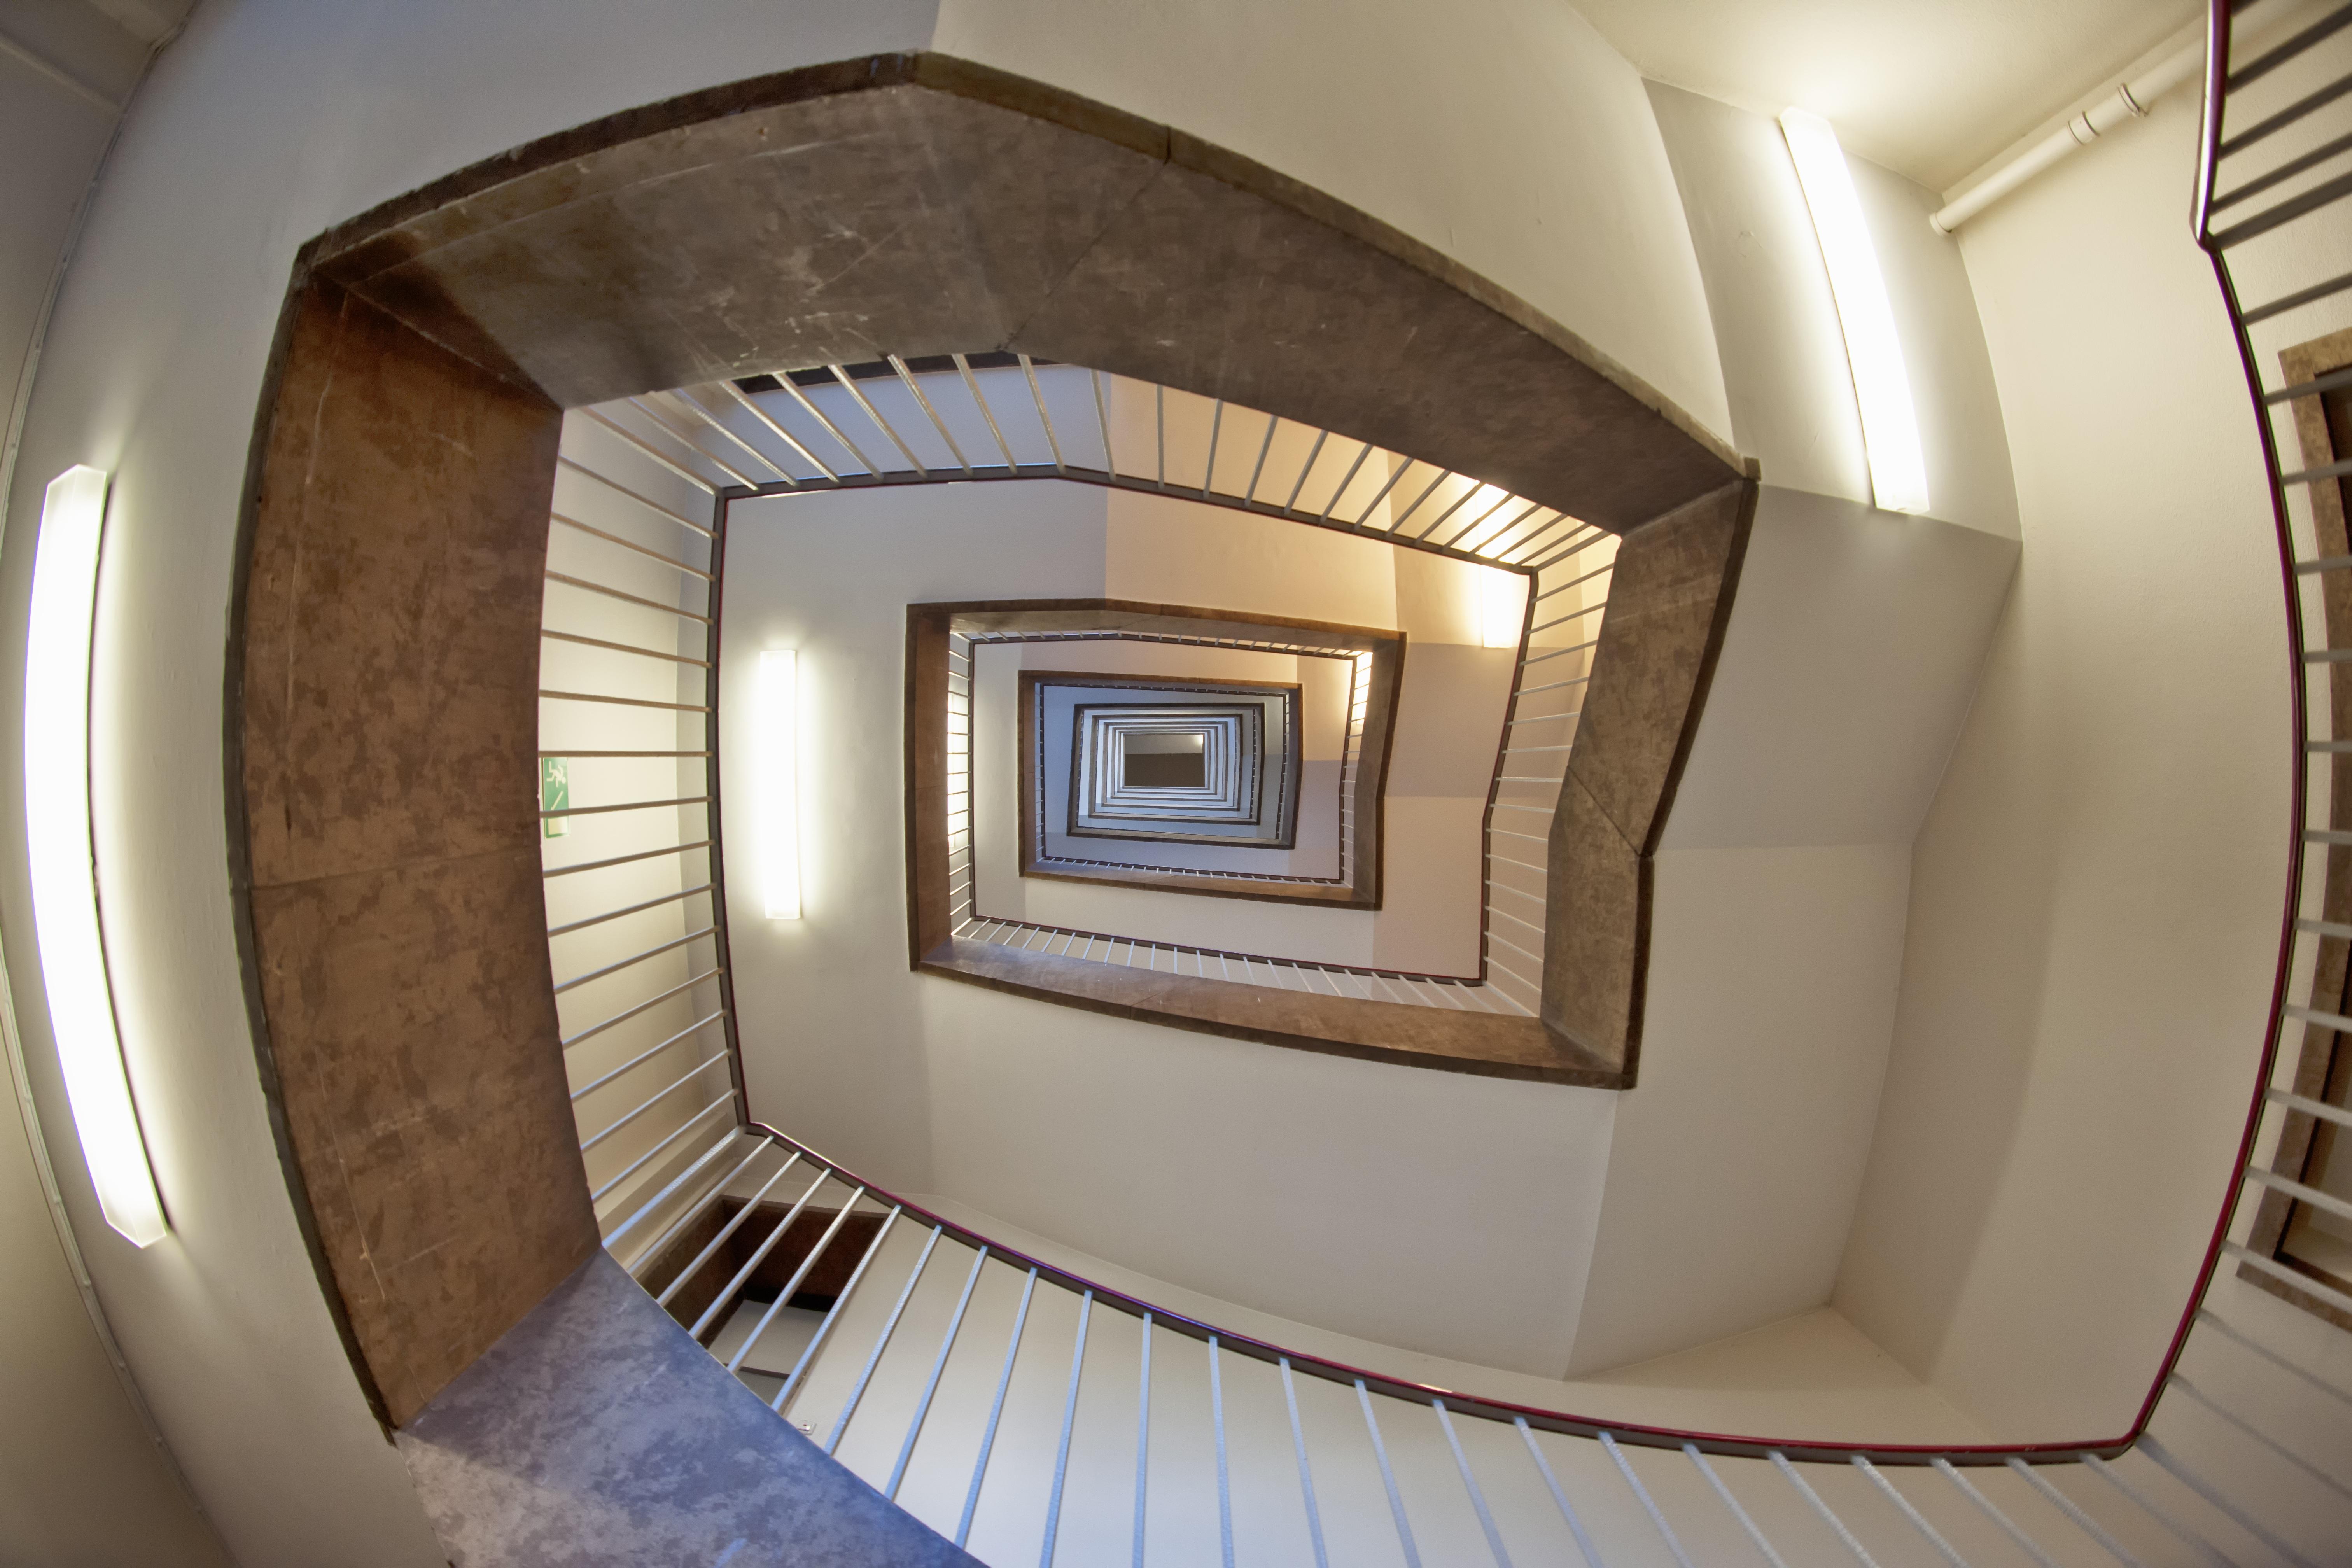 Fotos gratis arquitectura interior escalera for Arquitectura interior